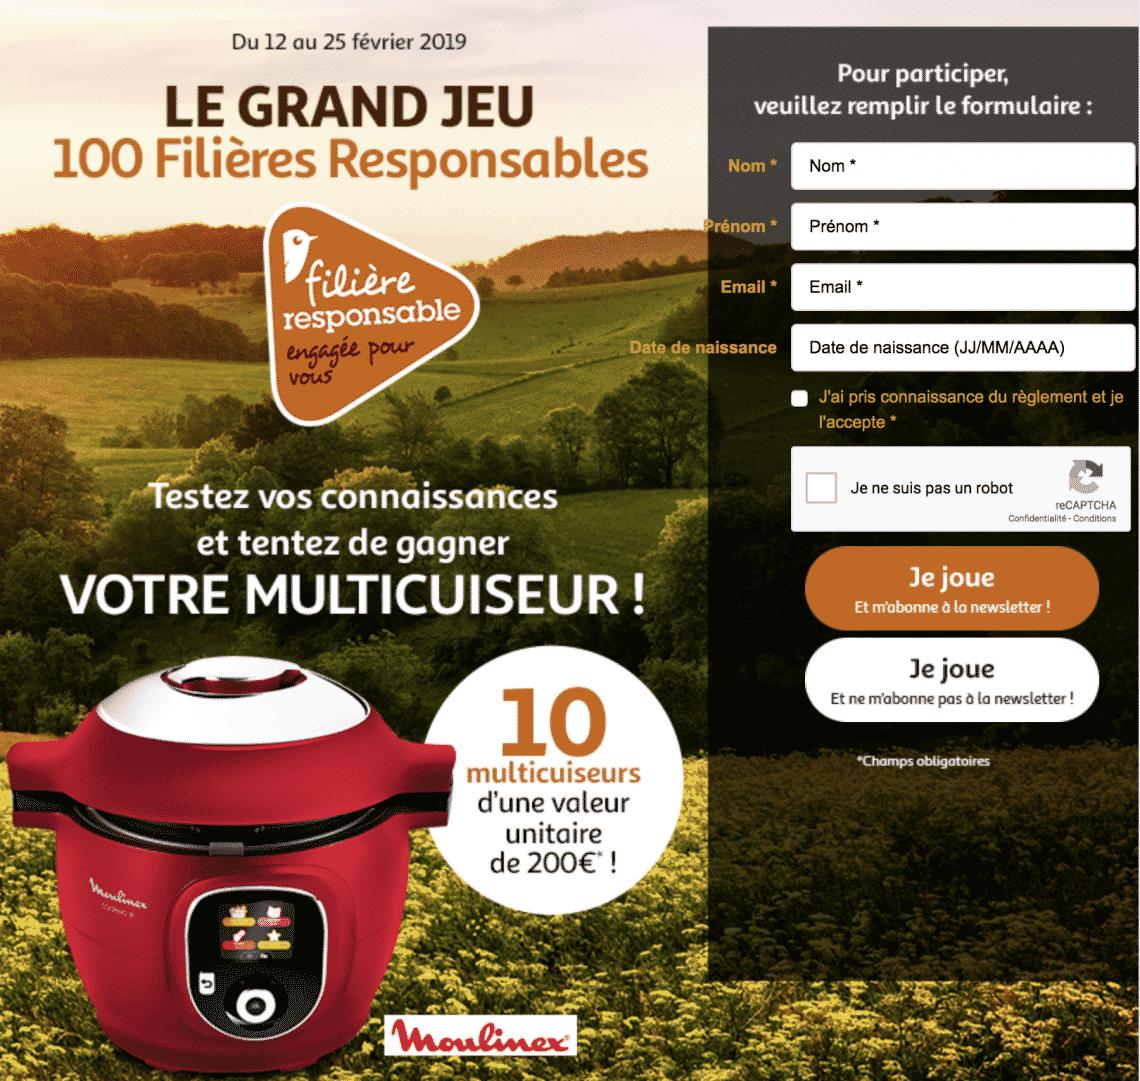 jeu auchan les filieres responsables - auchan.fr